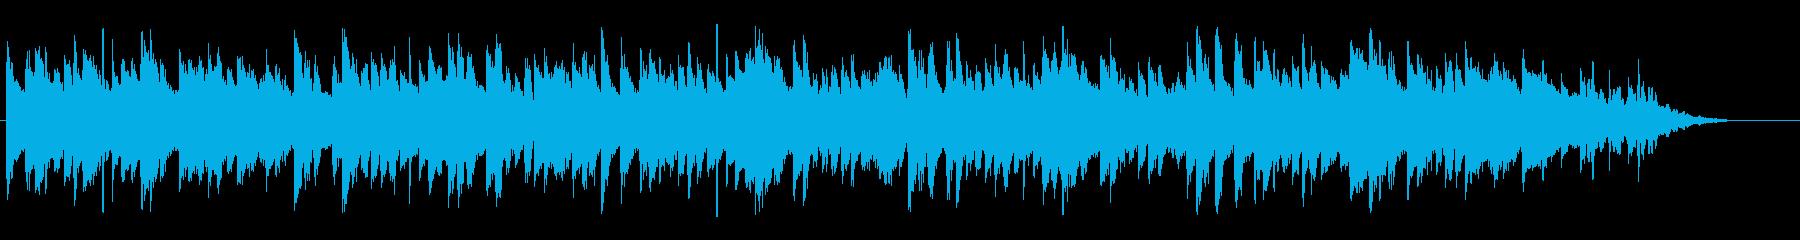 陽気で明るいコミカルな曲の再生済みの波形